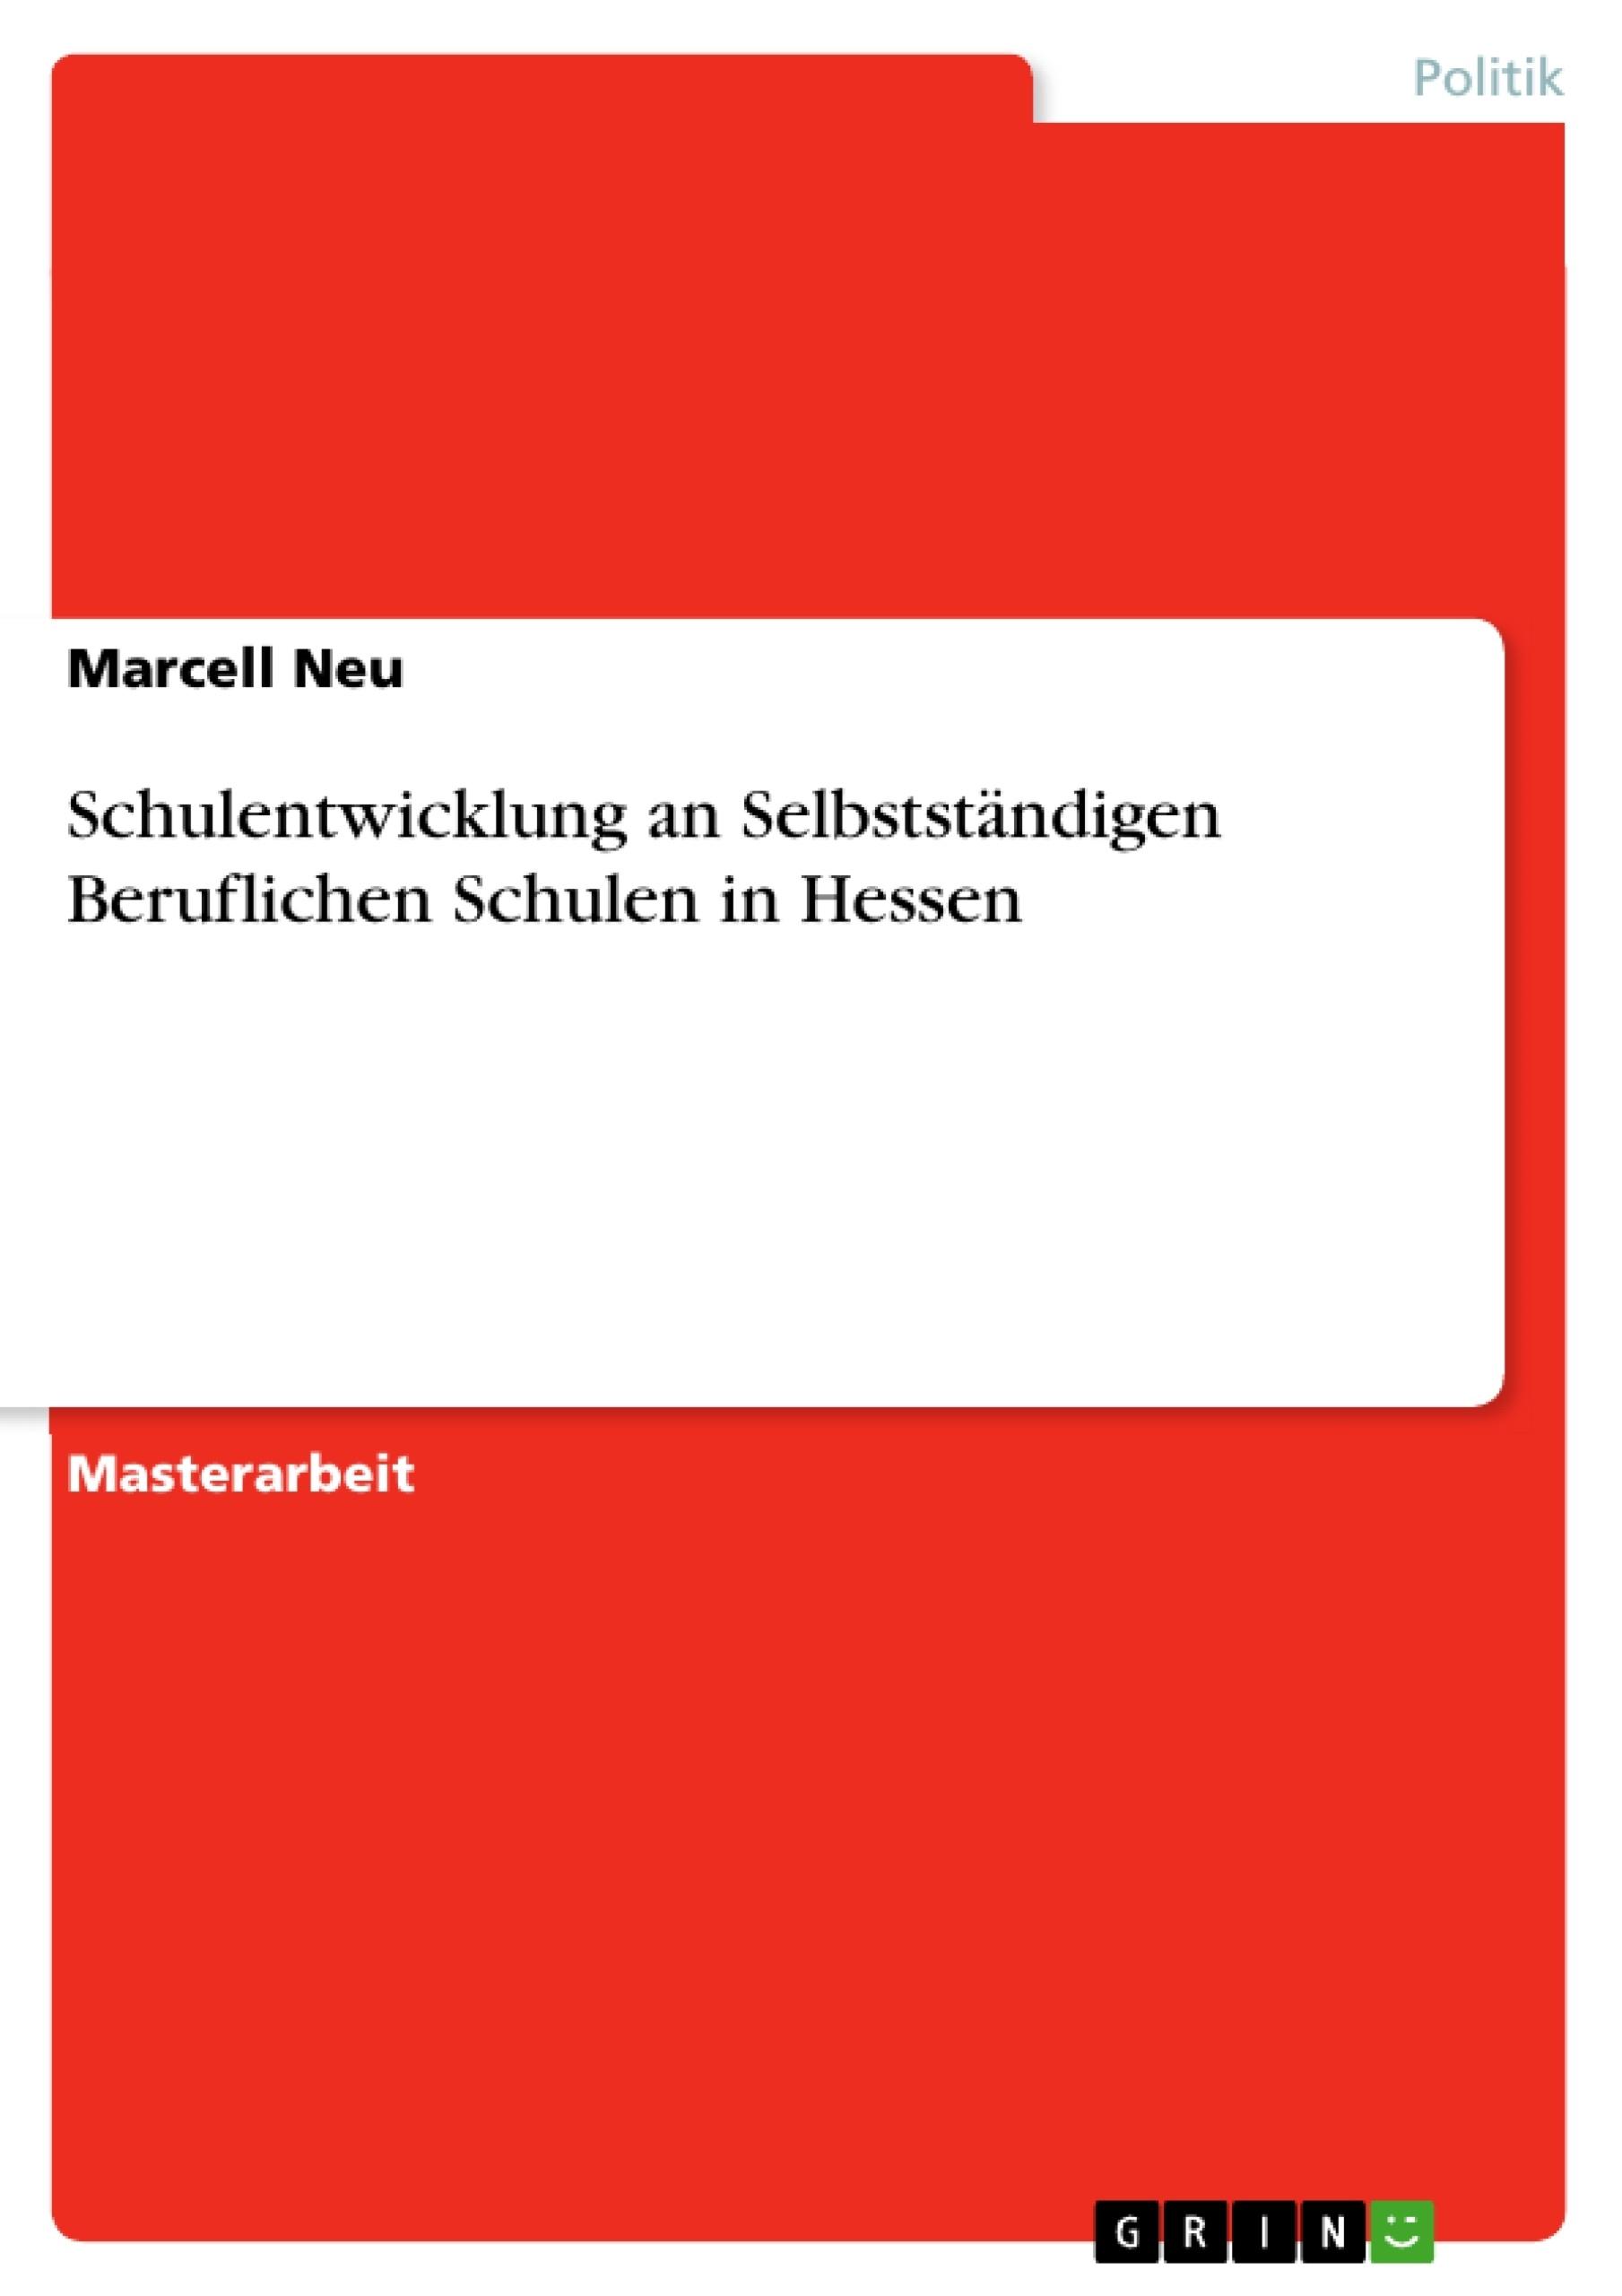 Titel: Schulentwicklung an Selbstständigen Beruflichen Schulen in Hessen